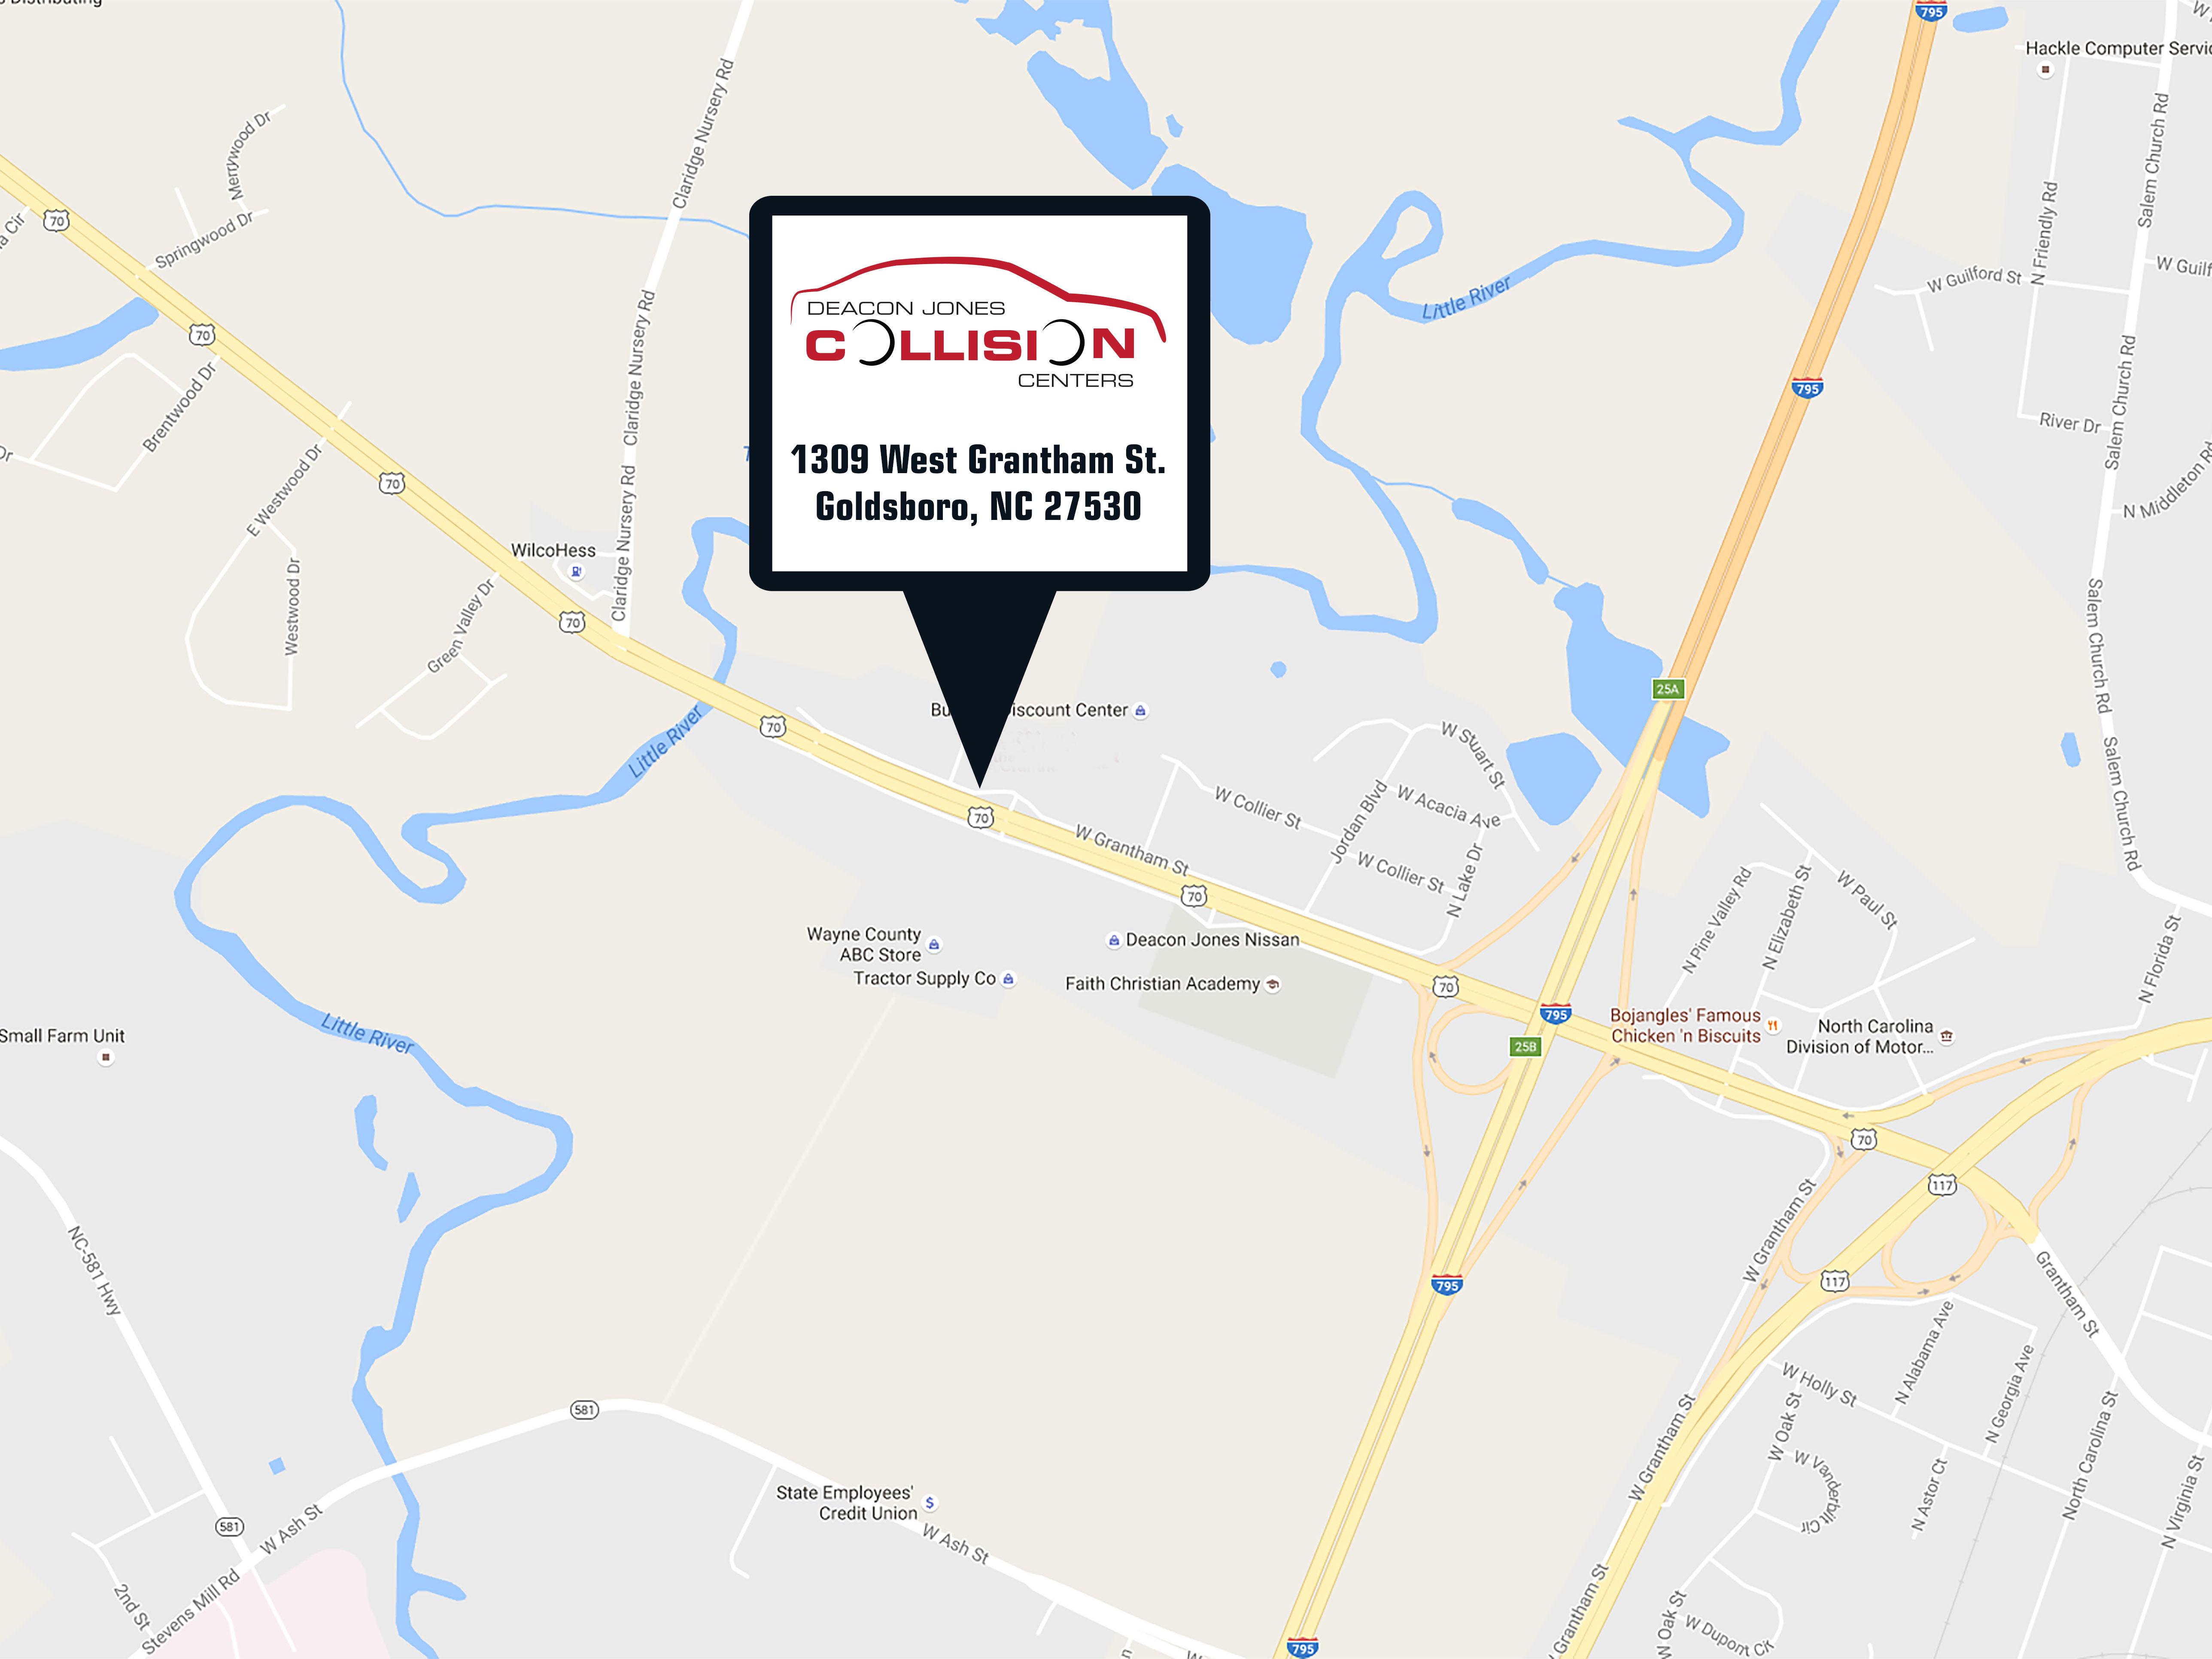 About Our Collision Center & Deacon Jones Collision Center | Goldsboro NC